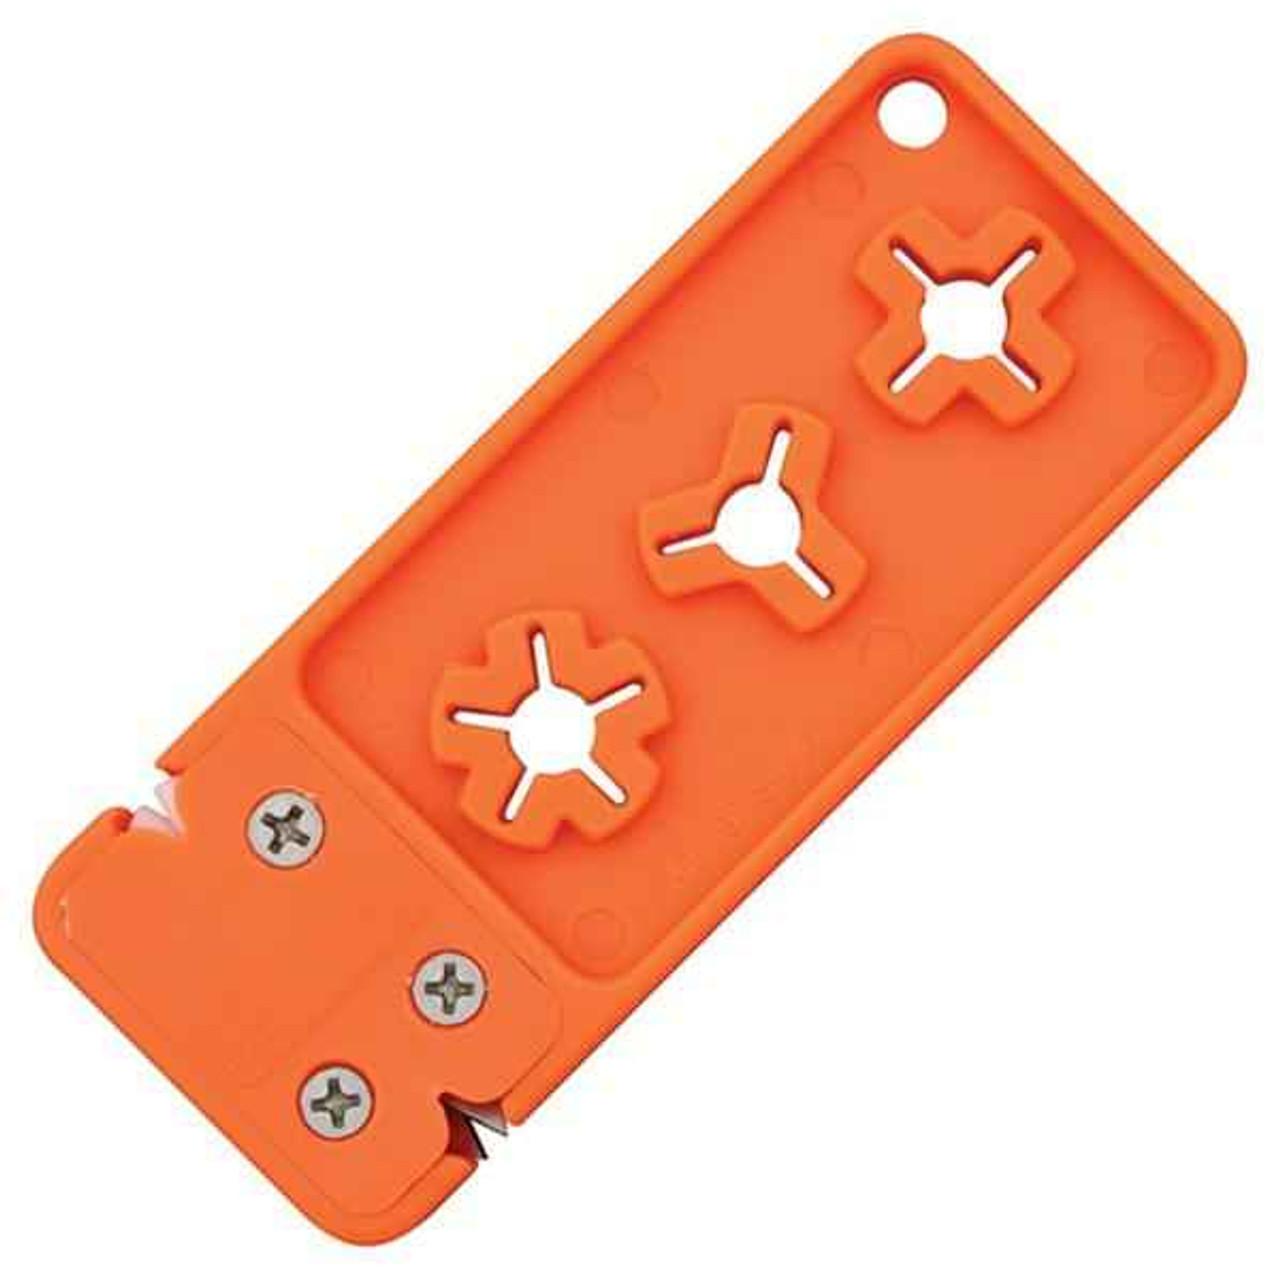 AccuSharp AS13 Broadhead Sharpener & Wrench, Orange